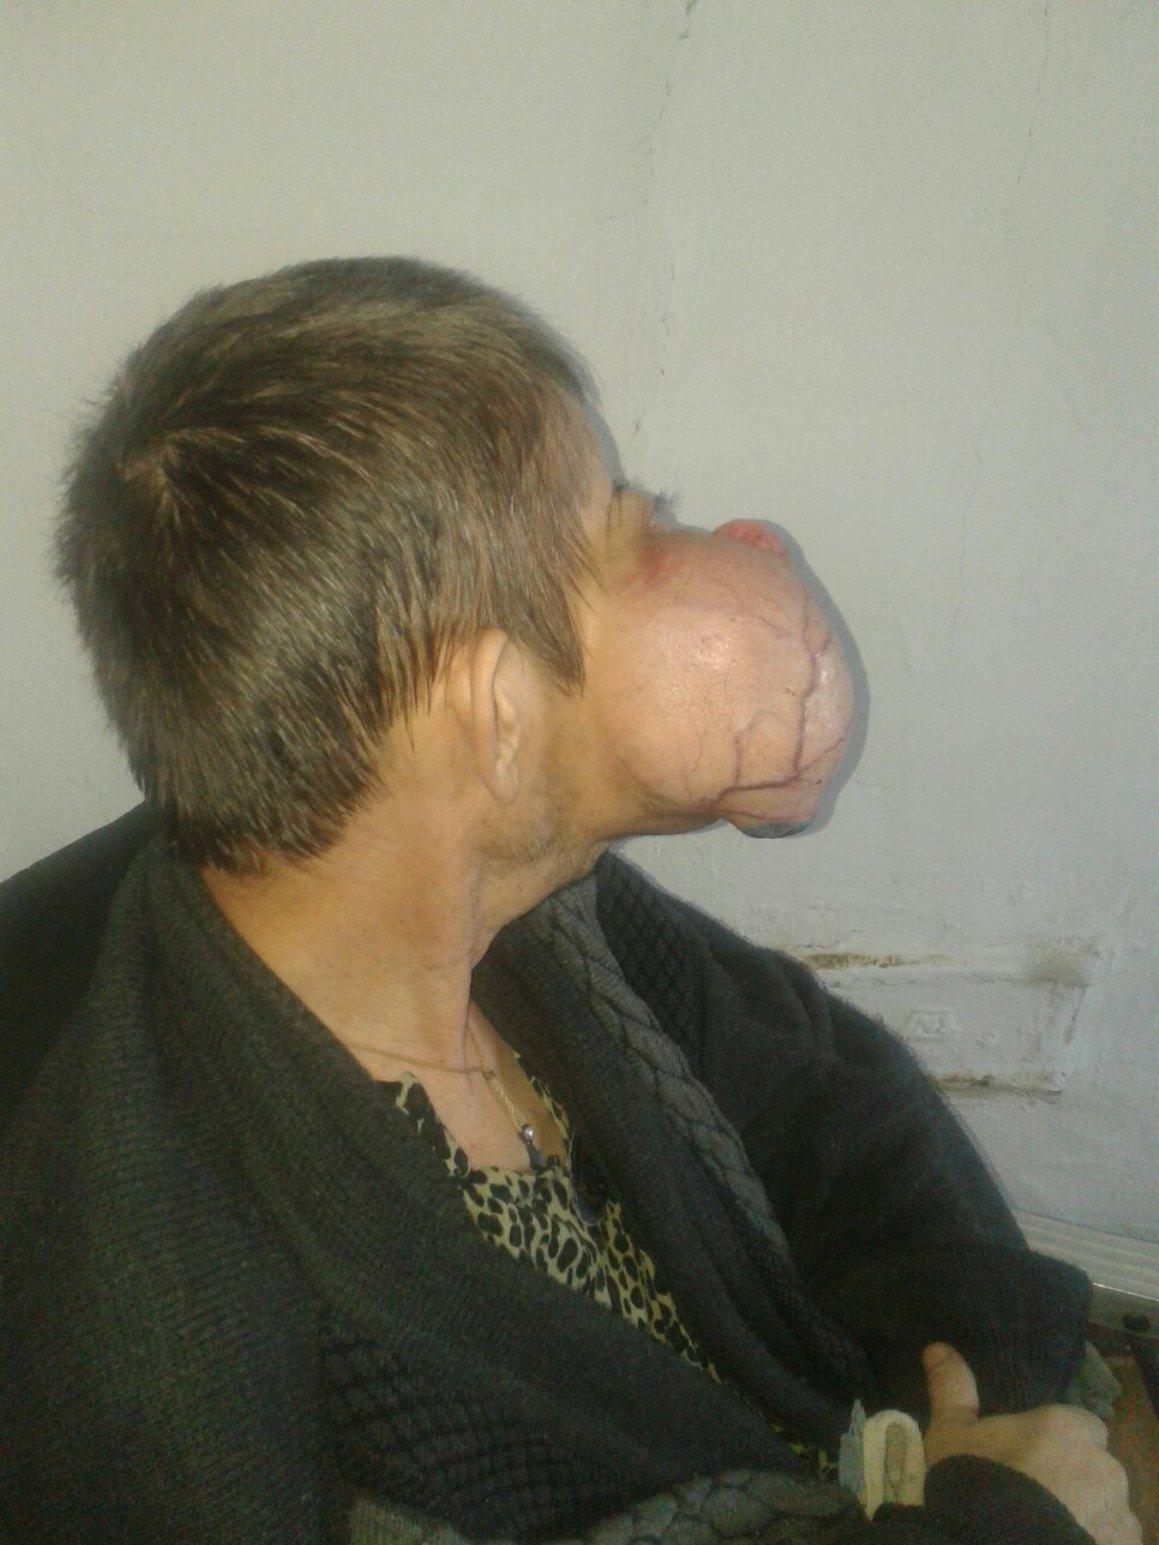 Мужчина с опухолью на лице